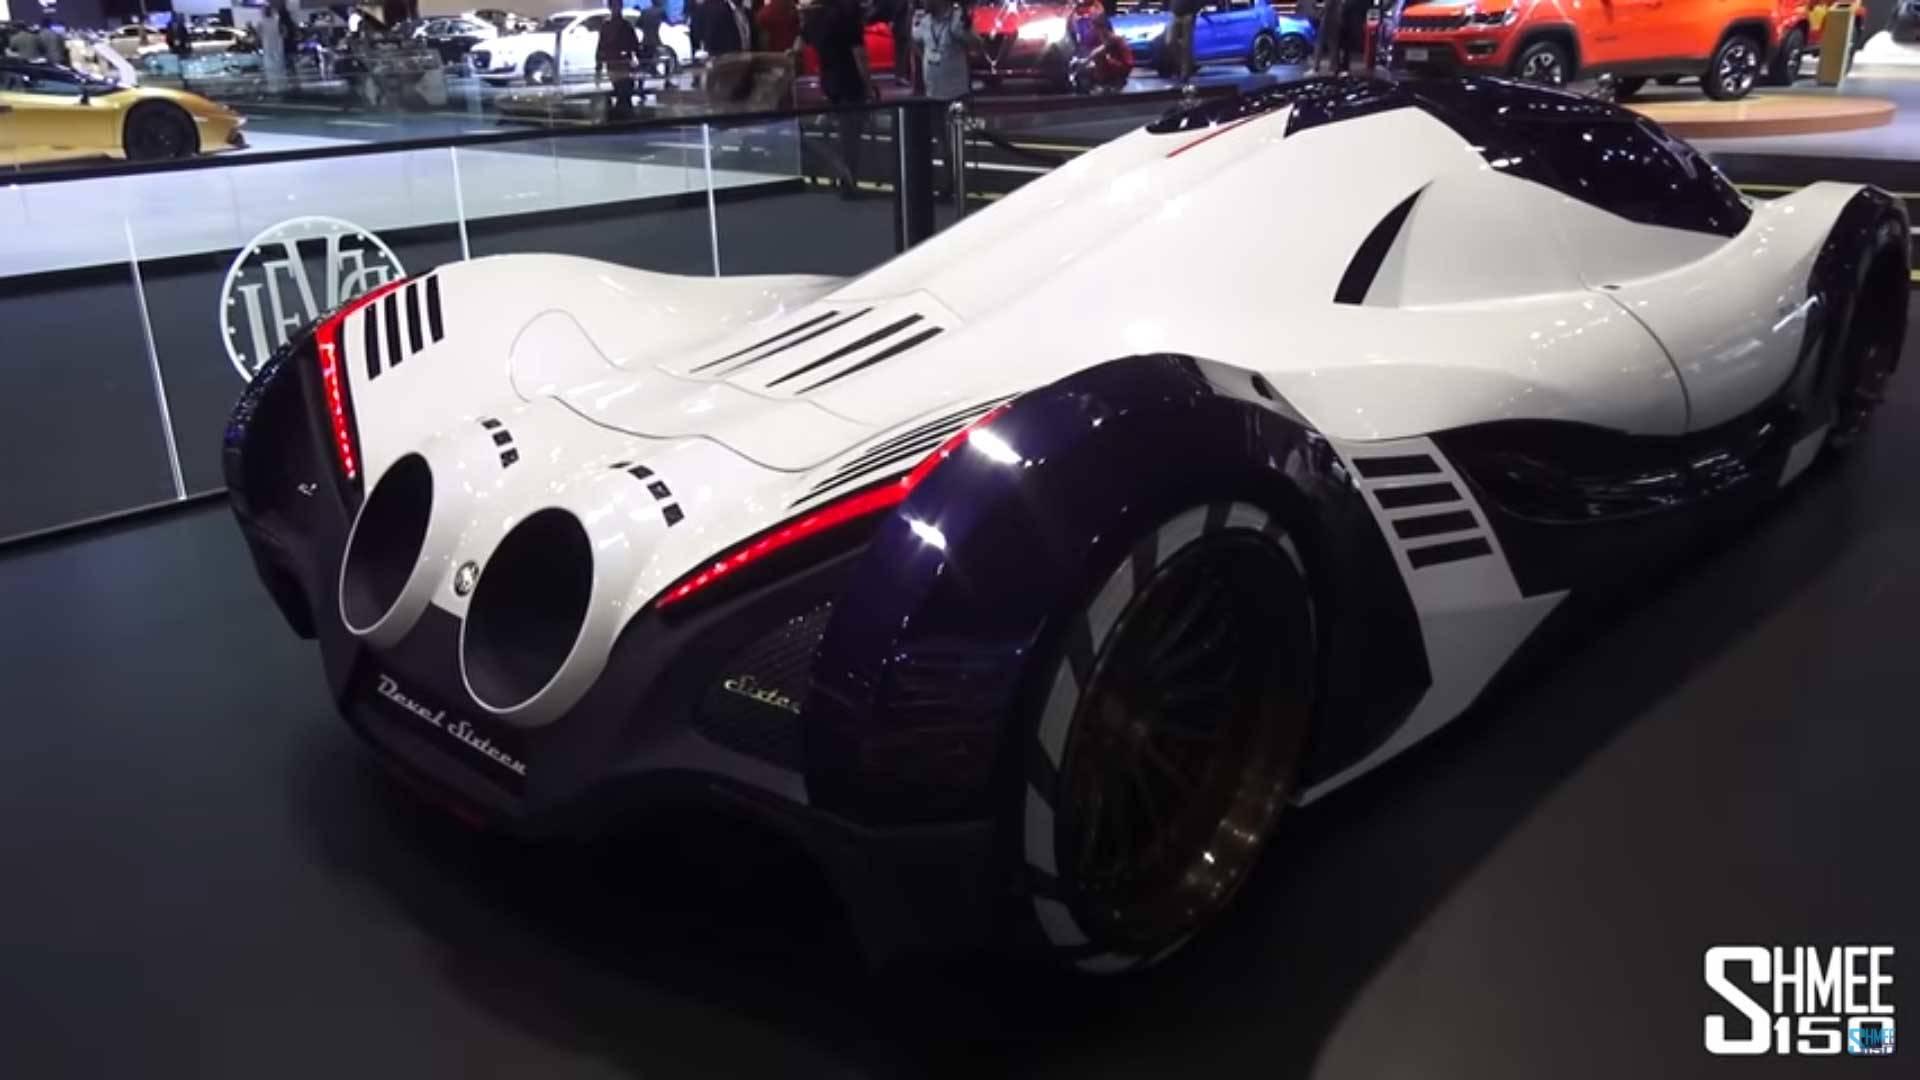 Devel Sixteen Hypercar Targets A Top Speed Of 320 Mph